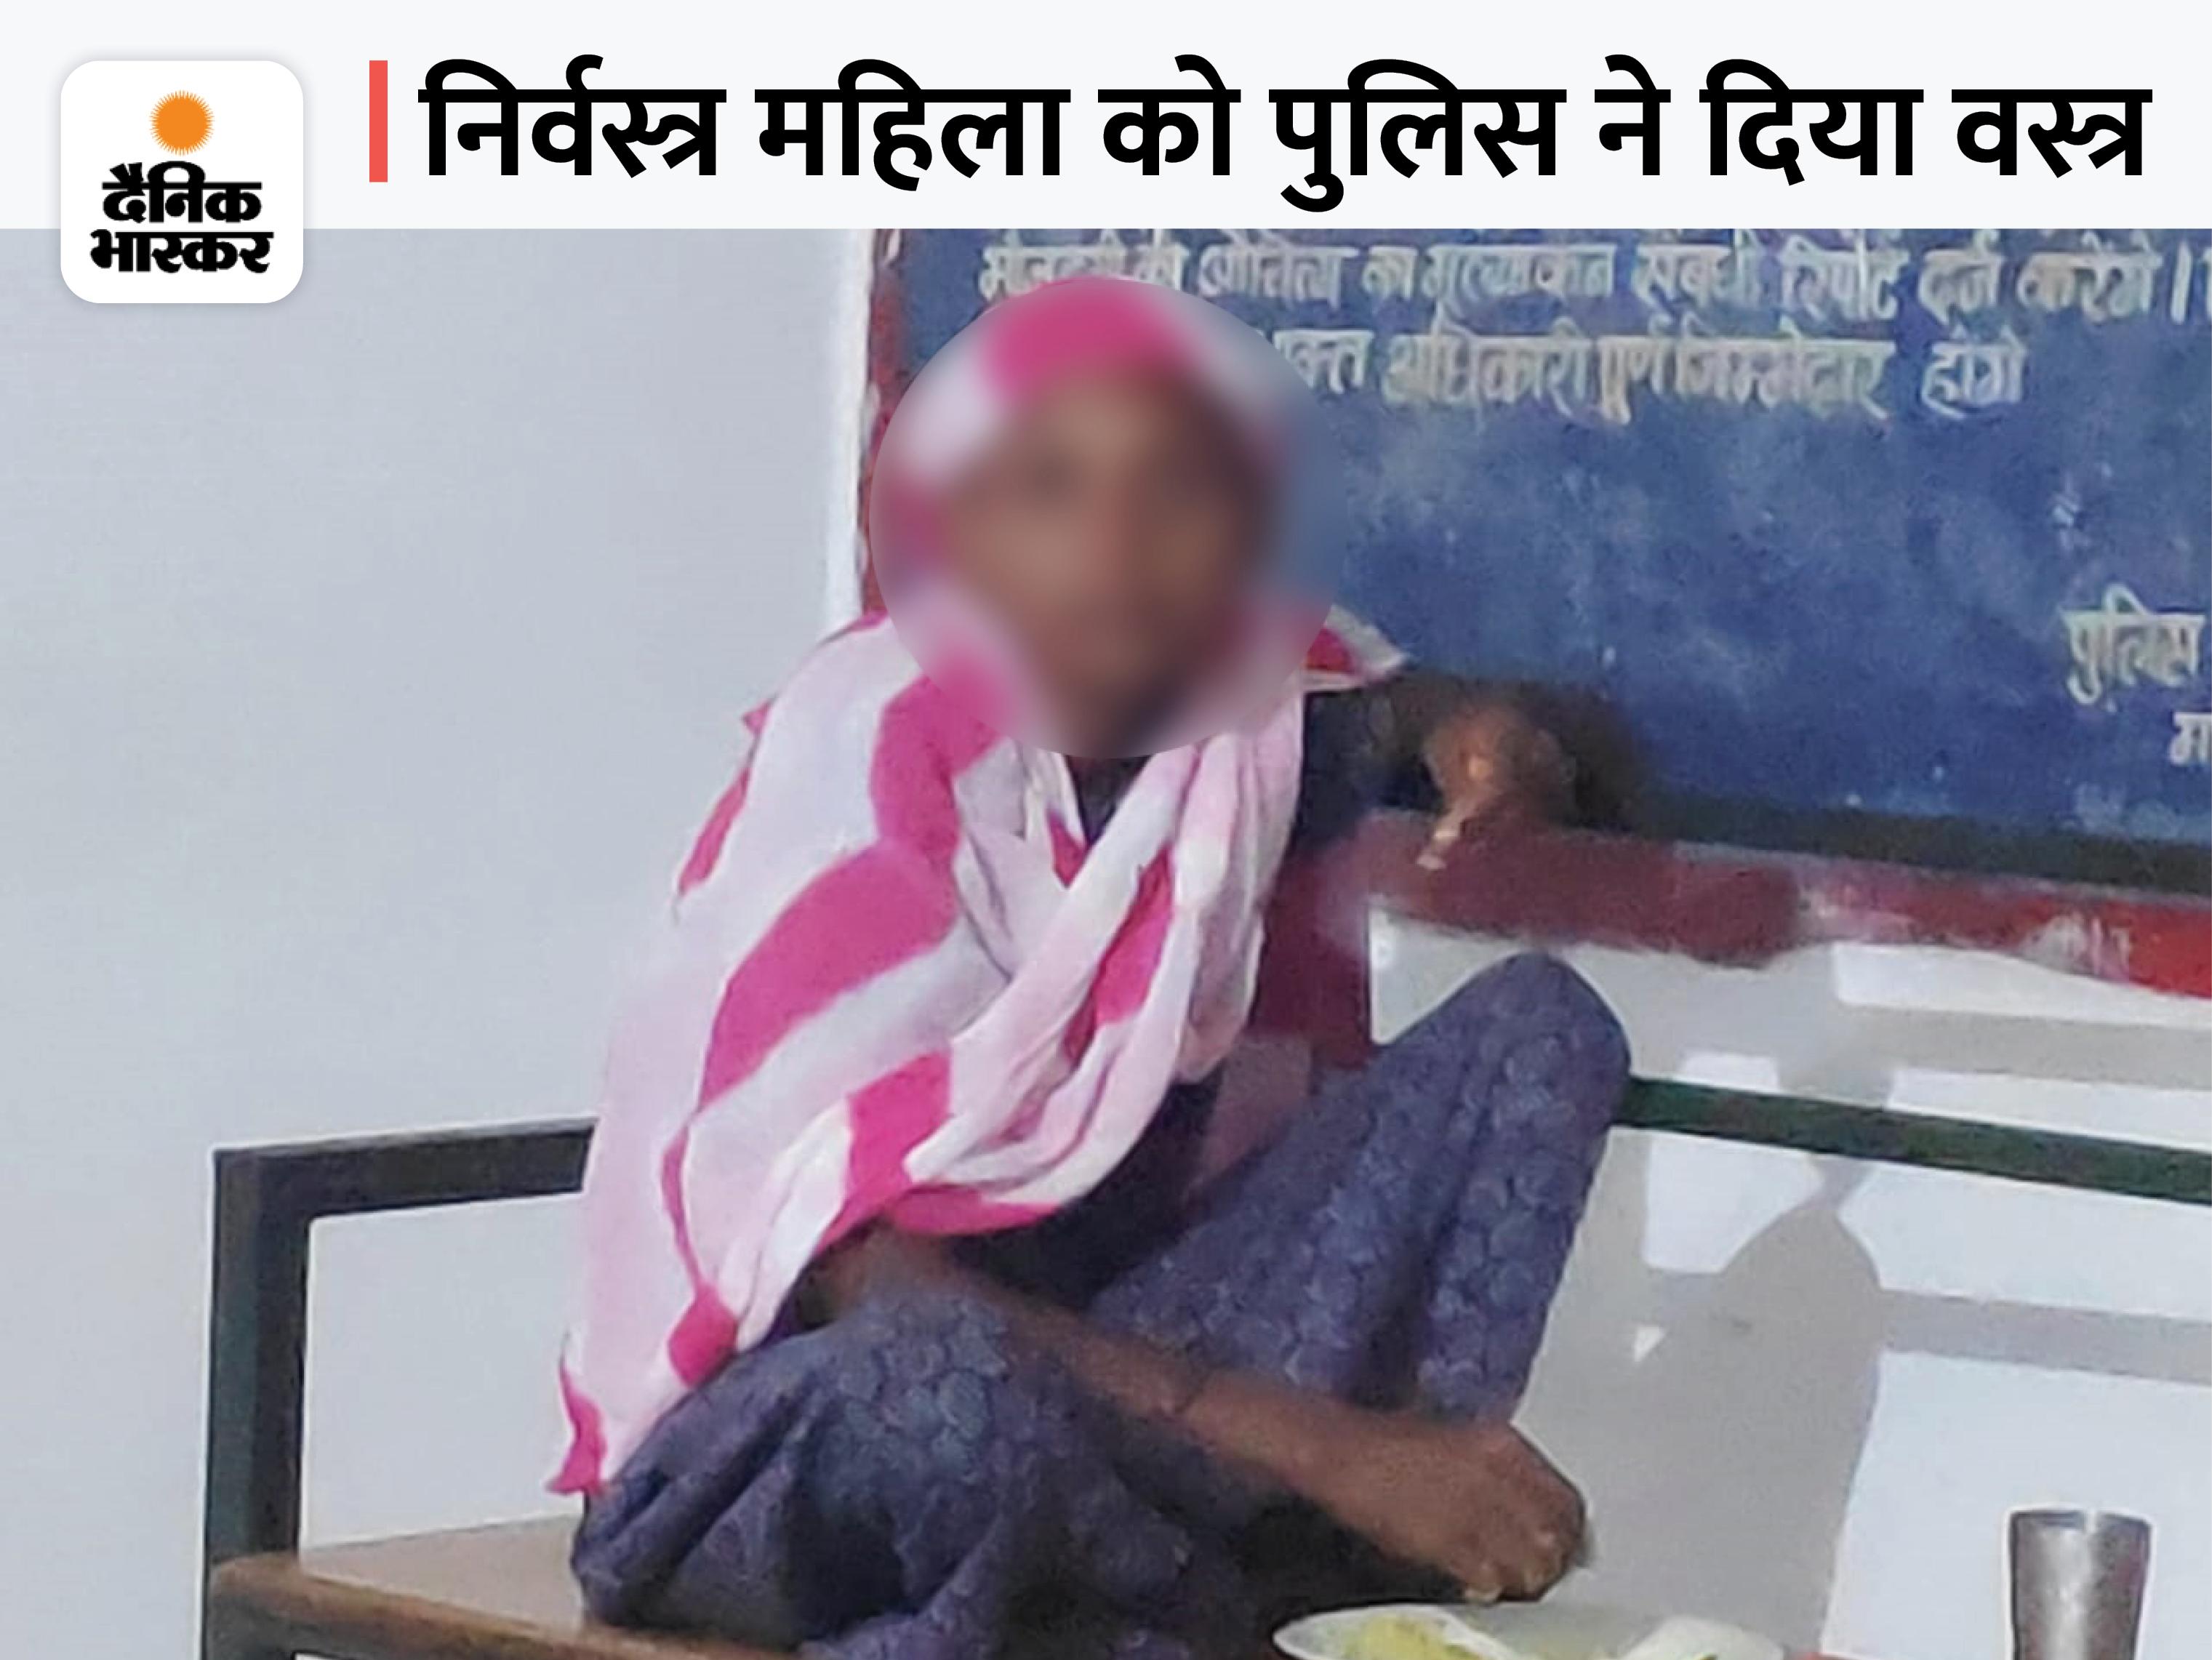 रीवा शहर में रात के समय निर्वस्त्र घूम रही महिला को पुलिस ने दिए 'वस्त्र', थाने ले जाकर भोजन कराया, फिर सुरक्षित वन स्टॉप सेंटर पहुंचाया रीवा,Rewa - Dainik Bhaskar